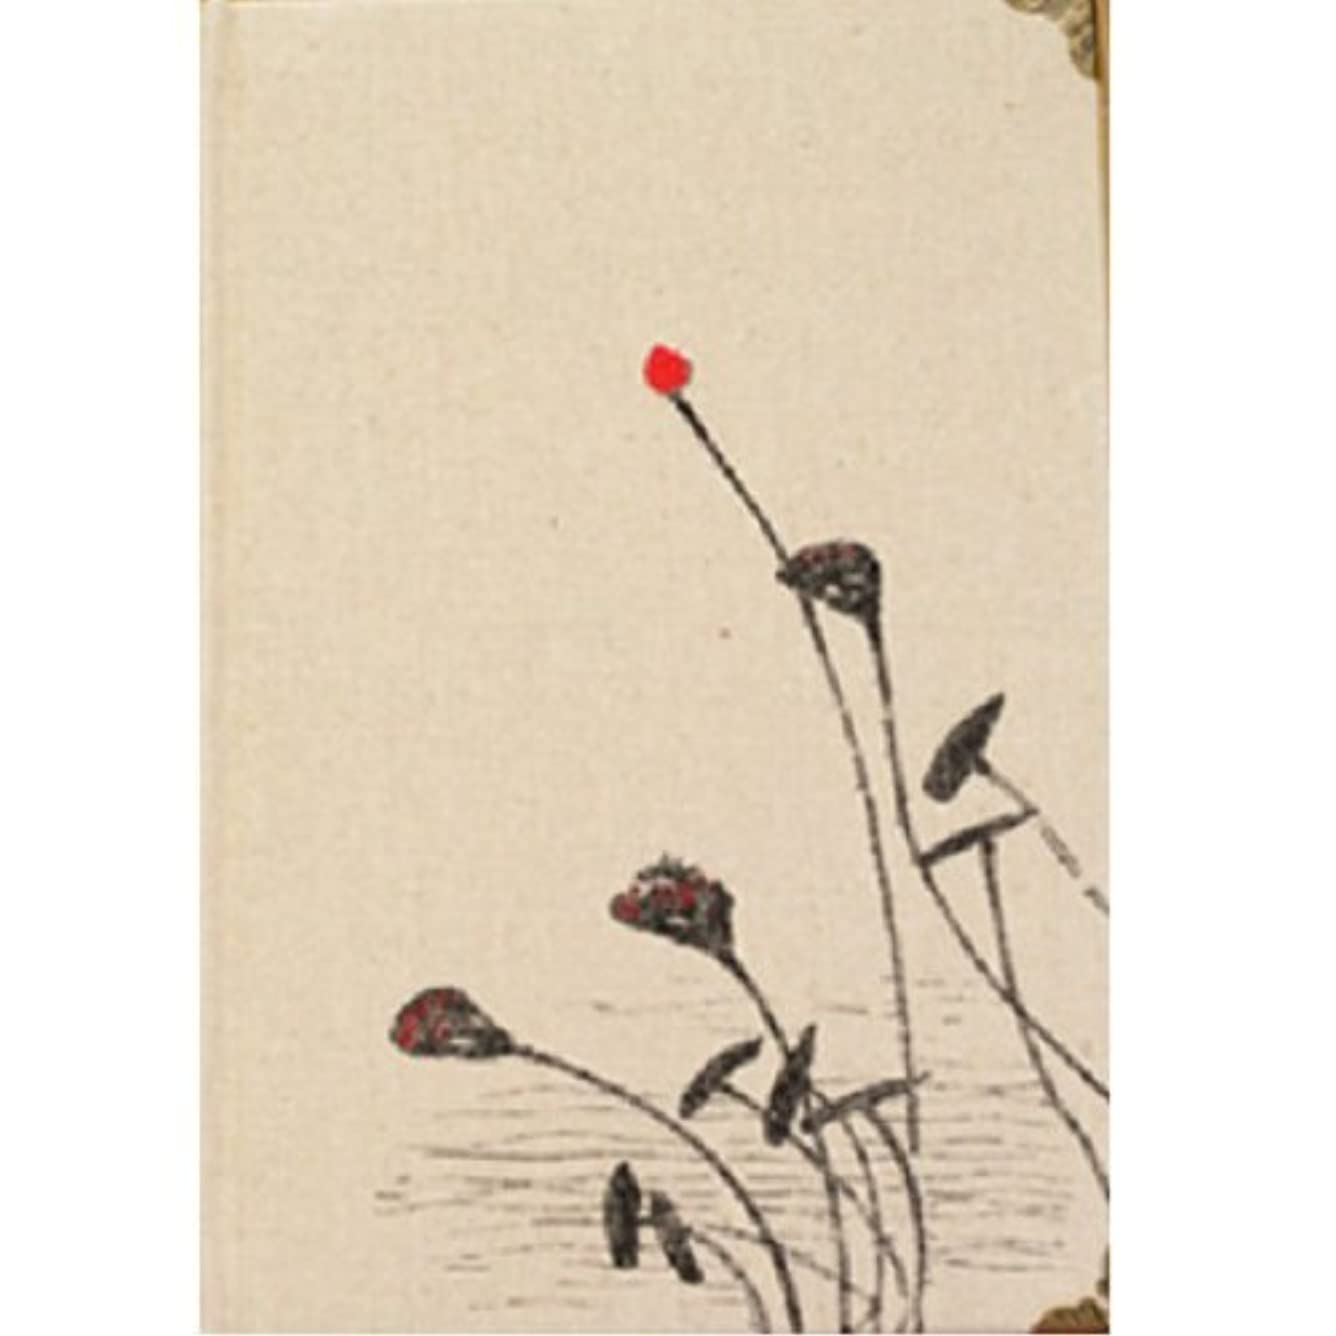 【Deli】 ノート 和風 デザイン シックな 蓮 布表紙 B6サイズ [並行輸入品]